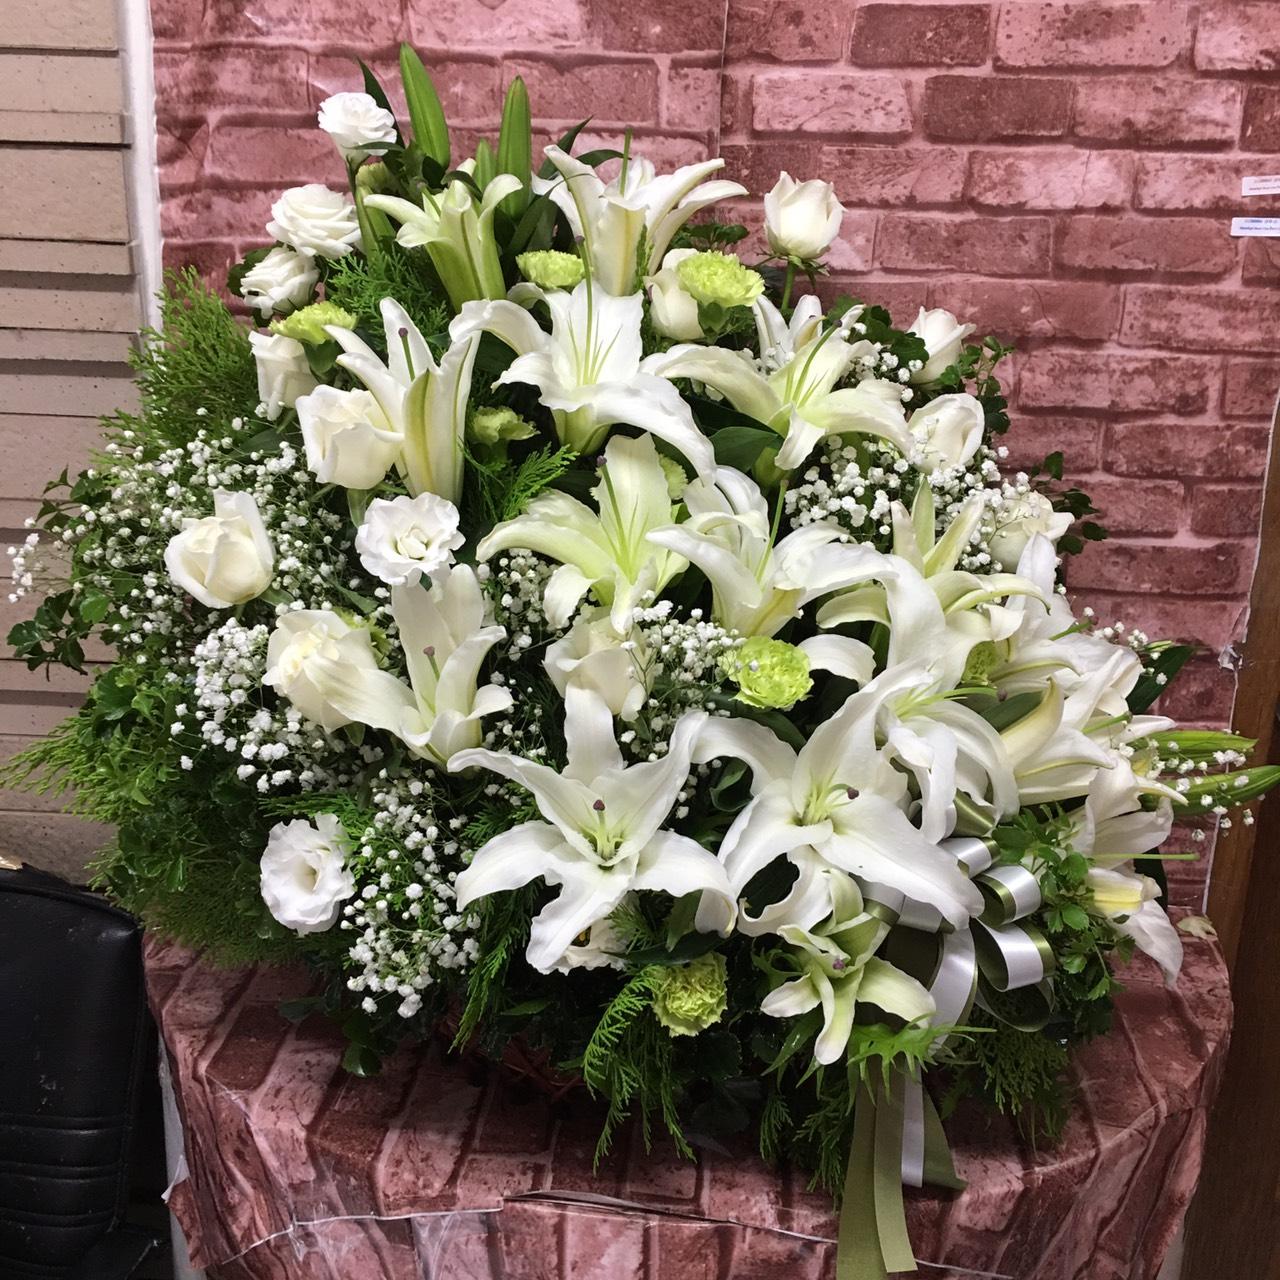 กระเช้าดอกไม้ขนาดใหญ่ คัดดอกไม้หลากชนิดโทนสีขาวมาตกแต่ง